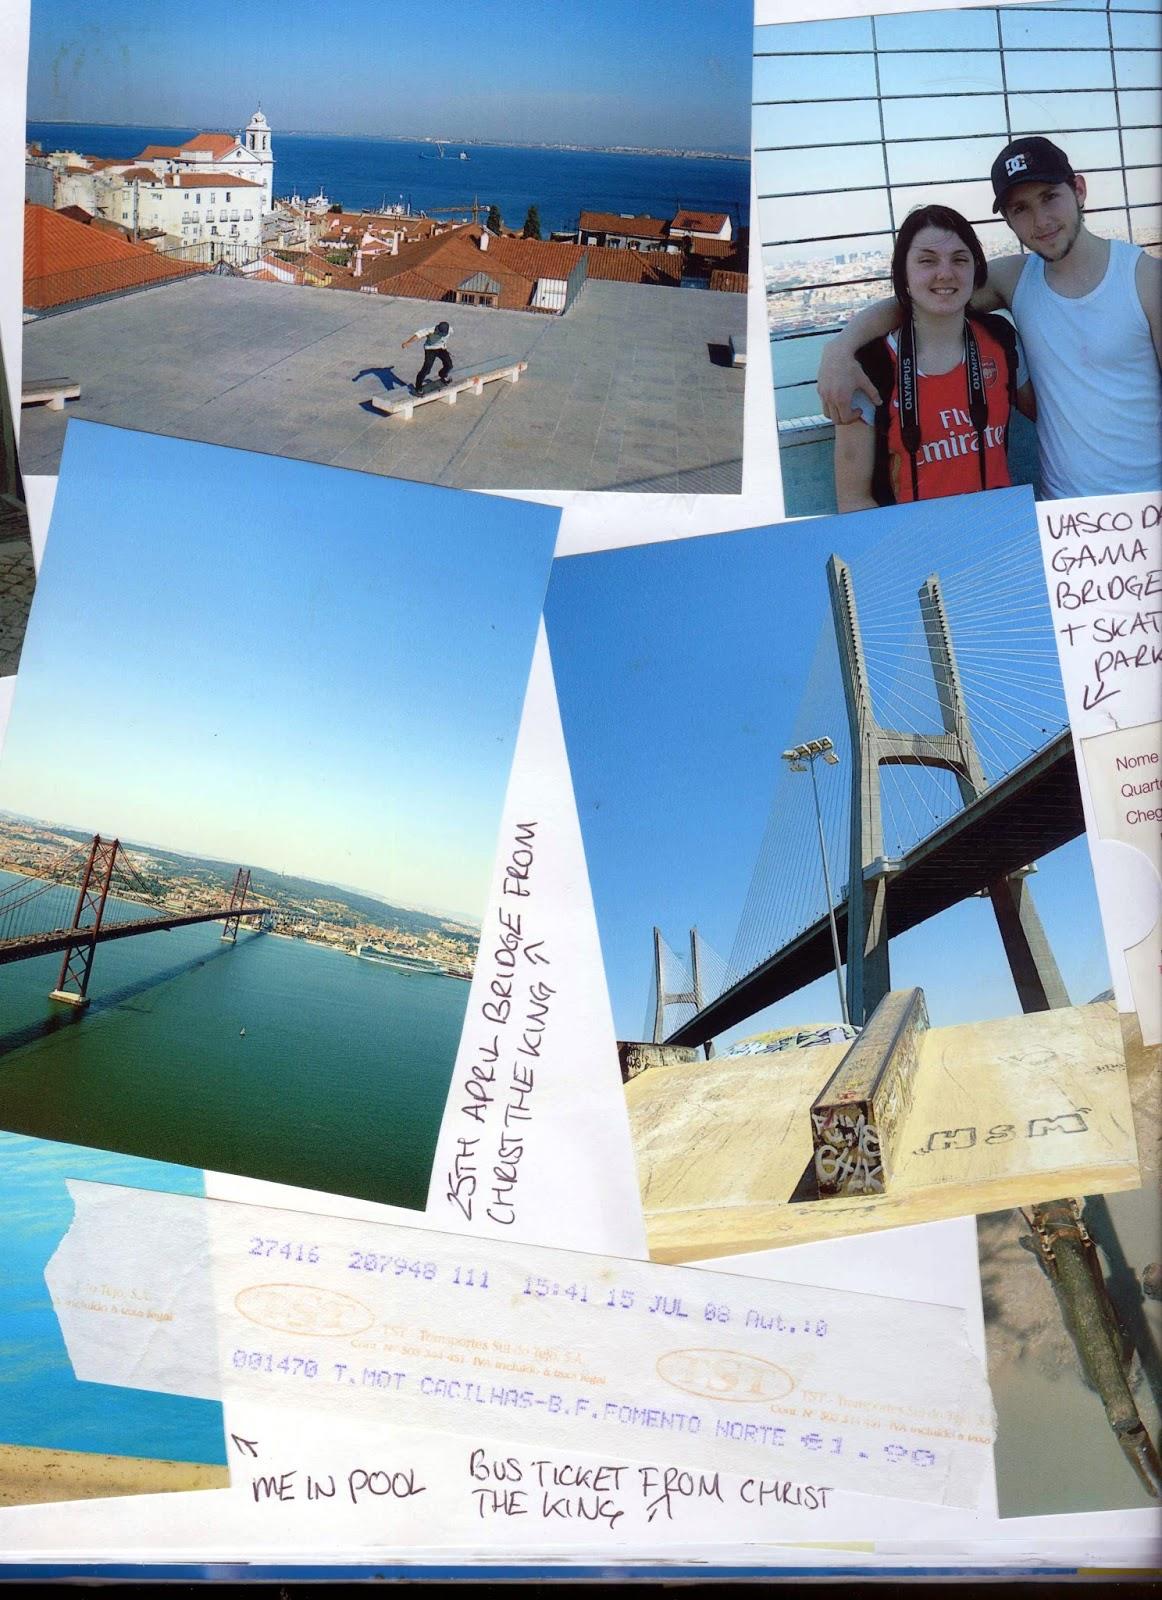 Lisbon, Lisboa, portugal, views, vasco da gama, vasco da gama bridge, vasco da gama tower, cable car, statue of christ, christ the king, travel, travel blog, top 10 lisbon, to do in lisbon, things to do, scrapbook, travel blog, travel tips, the roaming renegades, paul short, nicola hilditch-short, chriso Rei, almada, 25th April bridge, 25 de Abril Bridge, Estradio da Luz, Stadium of Light, Benfica, Santa Justa Elevator, St George's castle, Sao Jorge castle, Miradouros, São Pedro de Alcantara: Elevador da Glória or walk up from Chiado. Portas do Sol: Walk up from Baixa or tram 28. Miradouro da Graça: Walk up from Alfama or tram 28. Miradouro de Santa Luzia:, Alfama, Arco da Rua Augusta, Baixa, Cascais